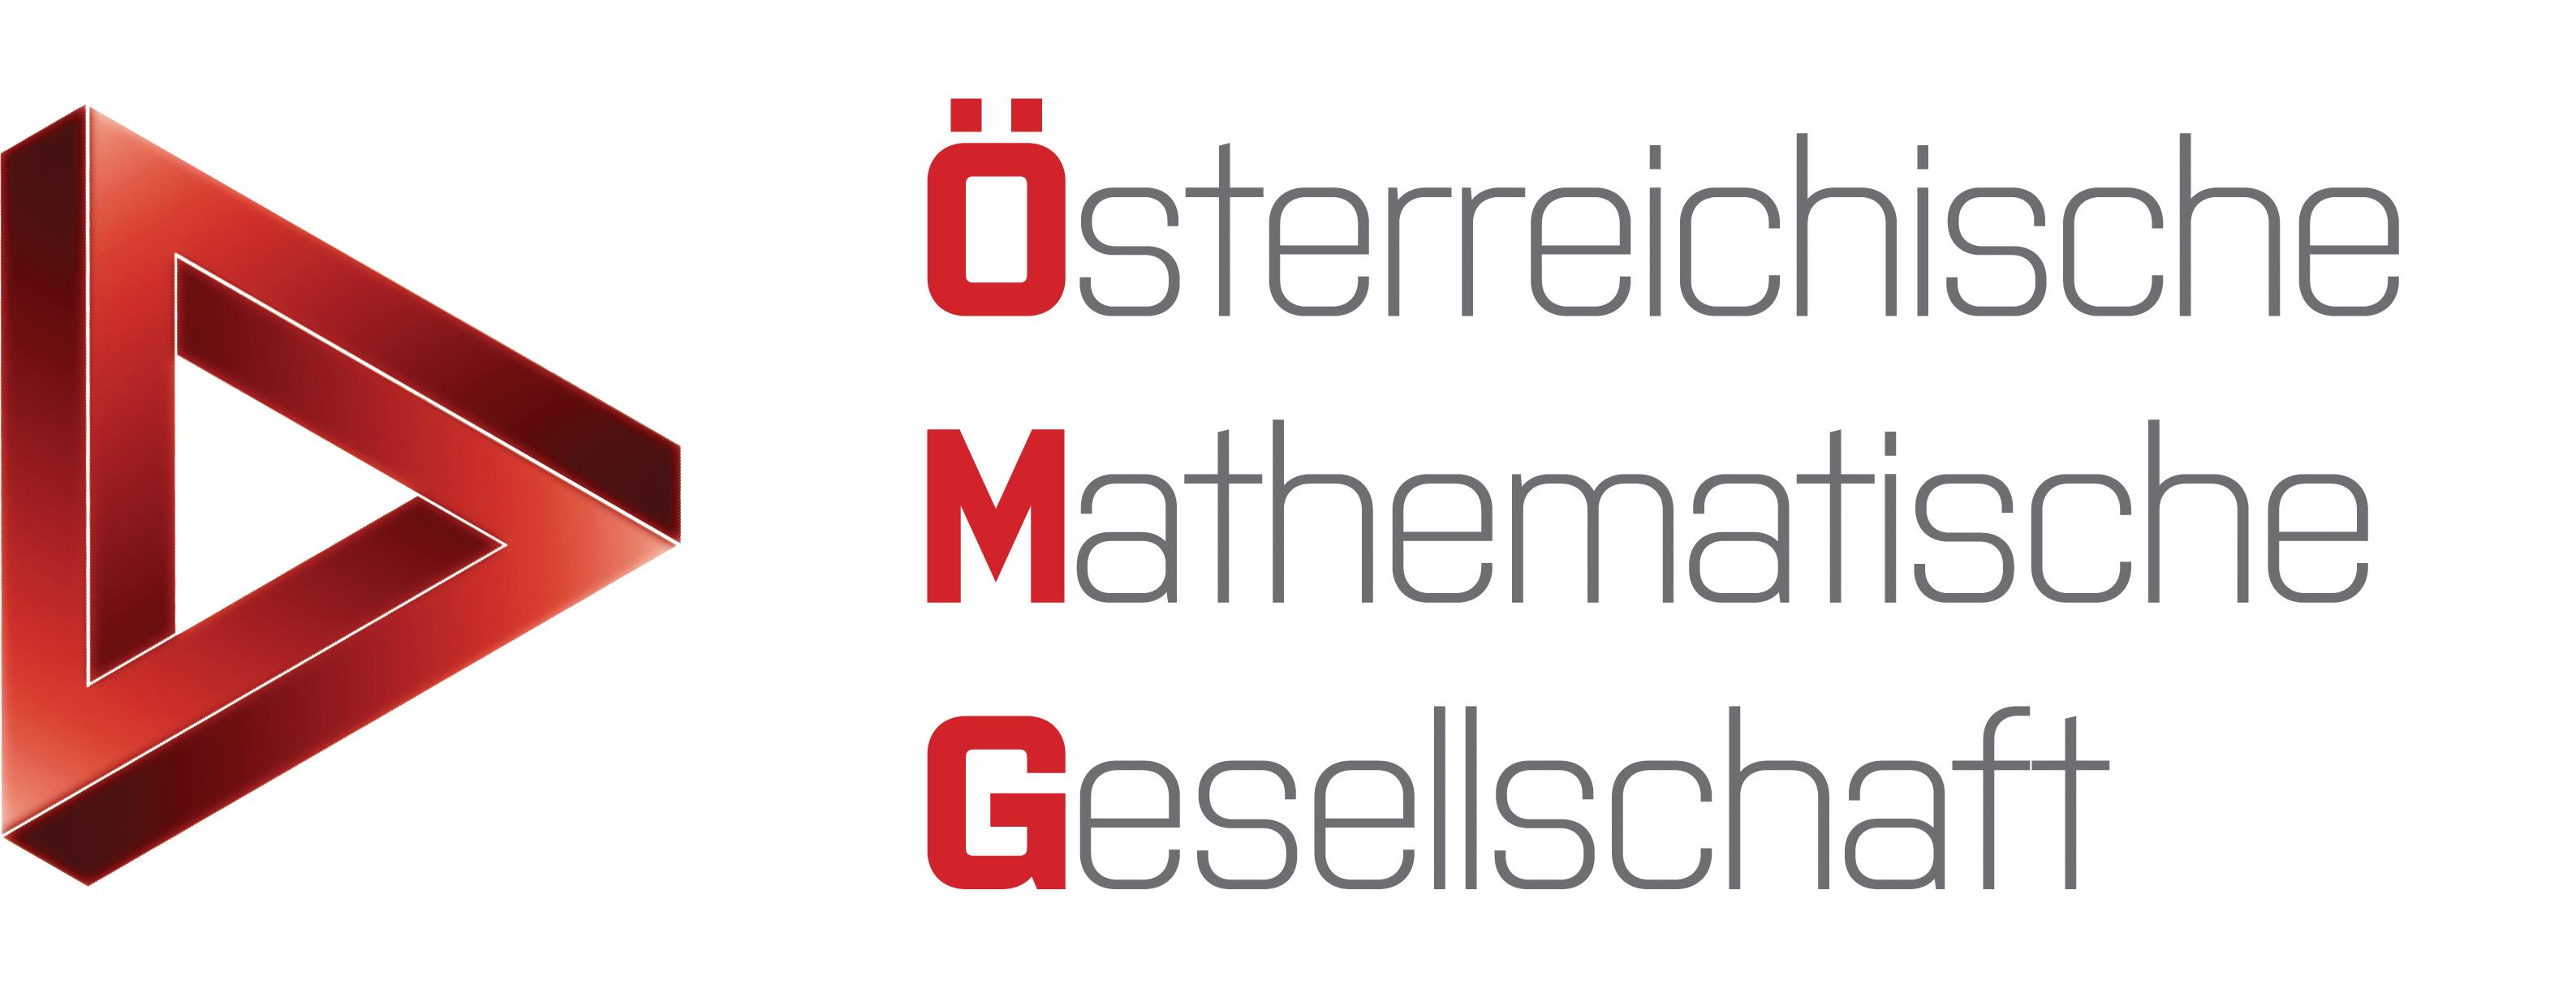 Österreichische Mathematische Gesellschaft